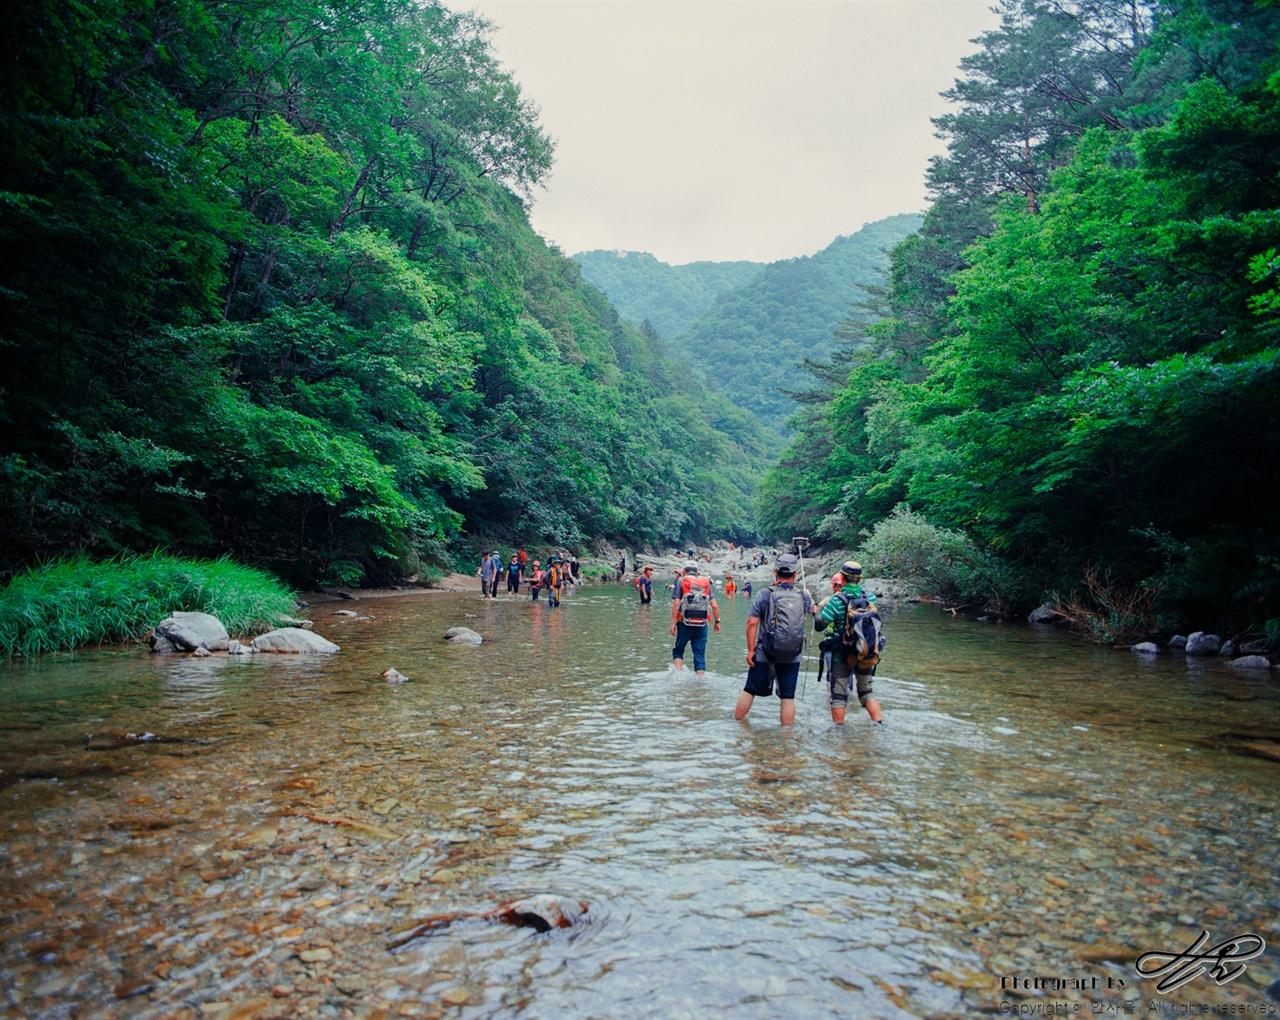 물길로 걷는 사람들 (6*7중형/Portra160)폭염이 기승을 부려도 이곳에서 물길을 걸으면 몸이 으슬으슬 떨릴만큼 서늘하다.